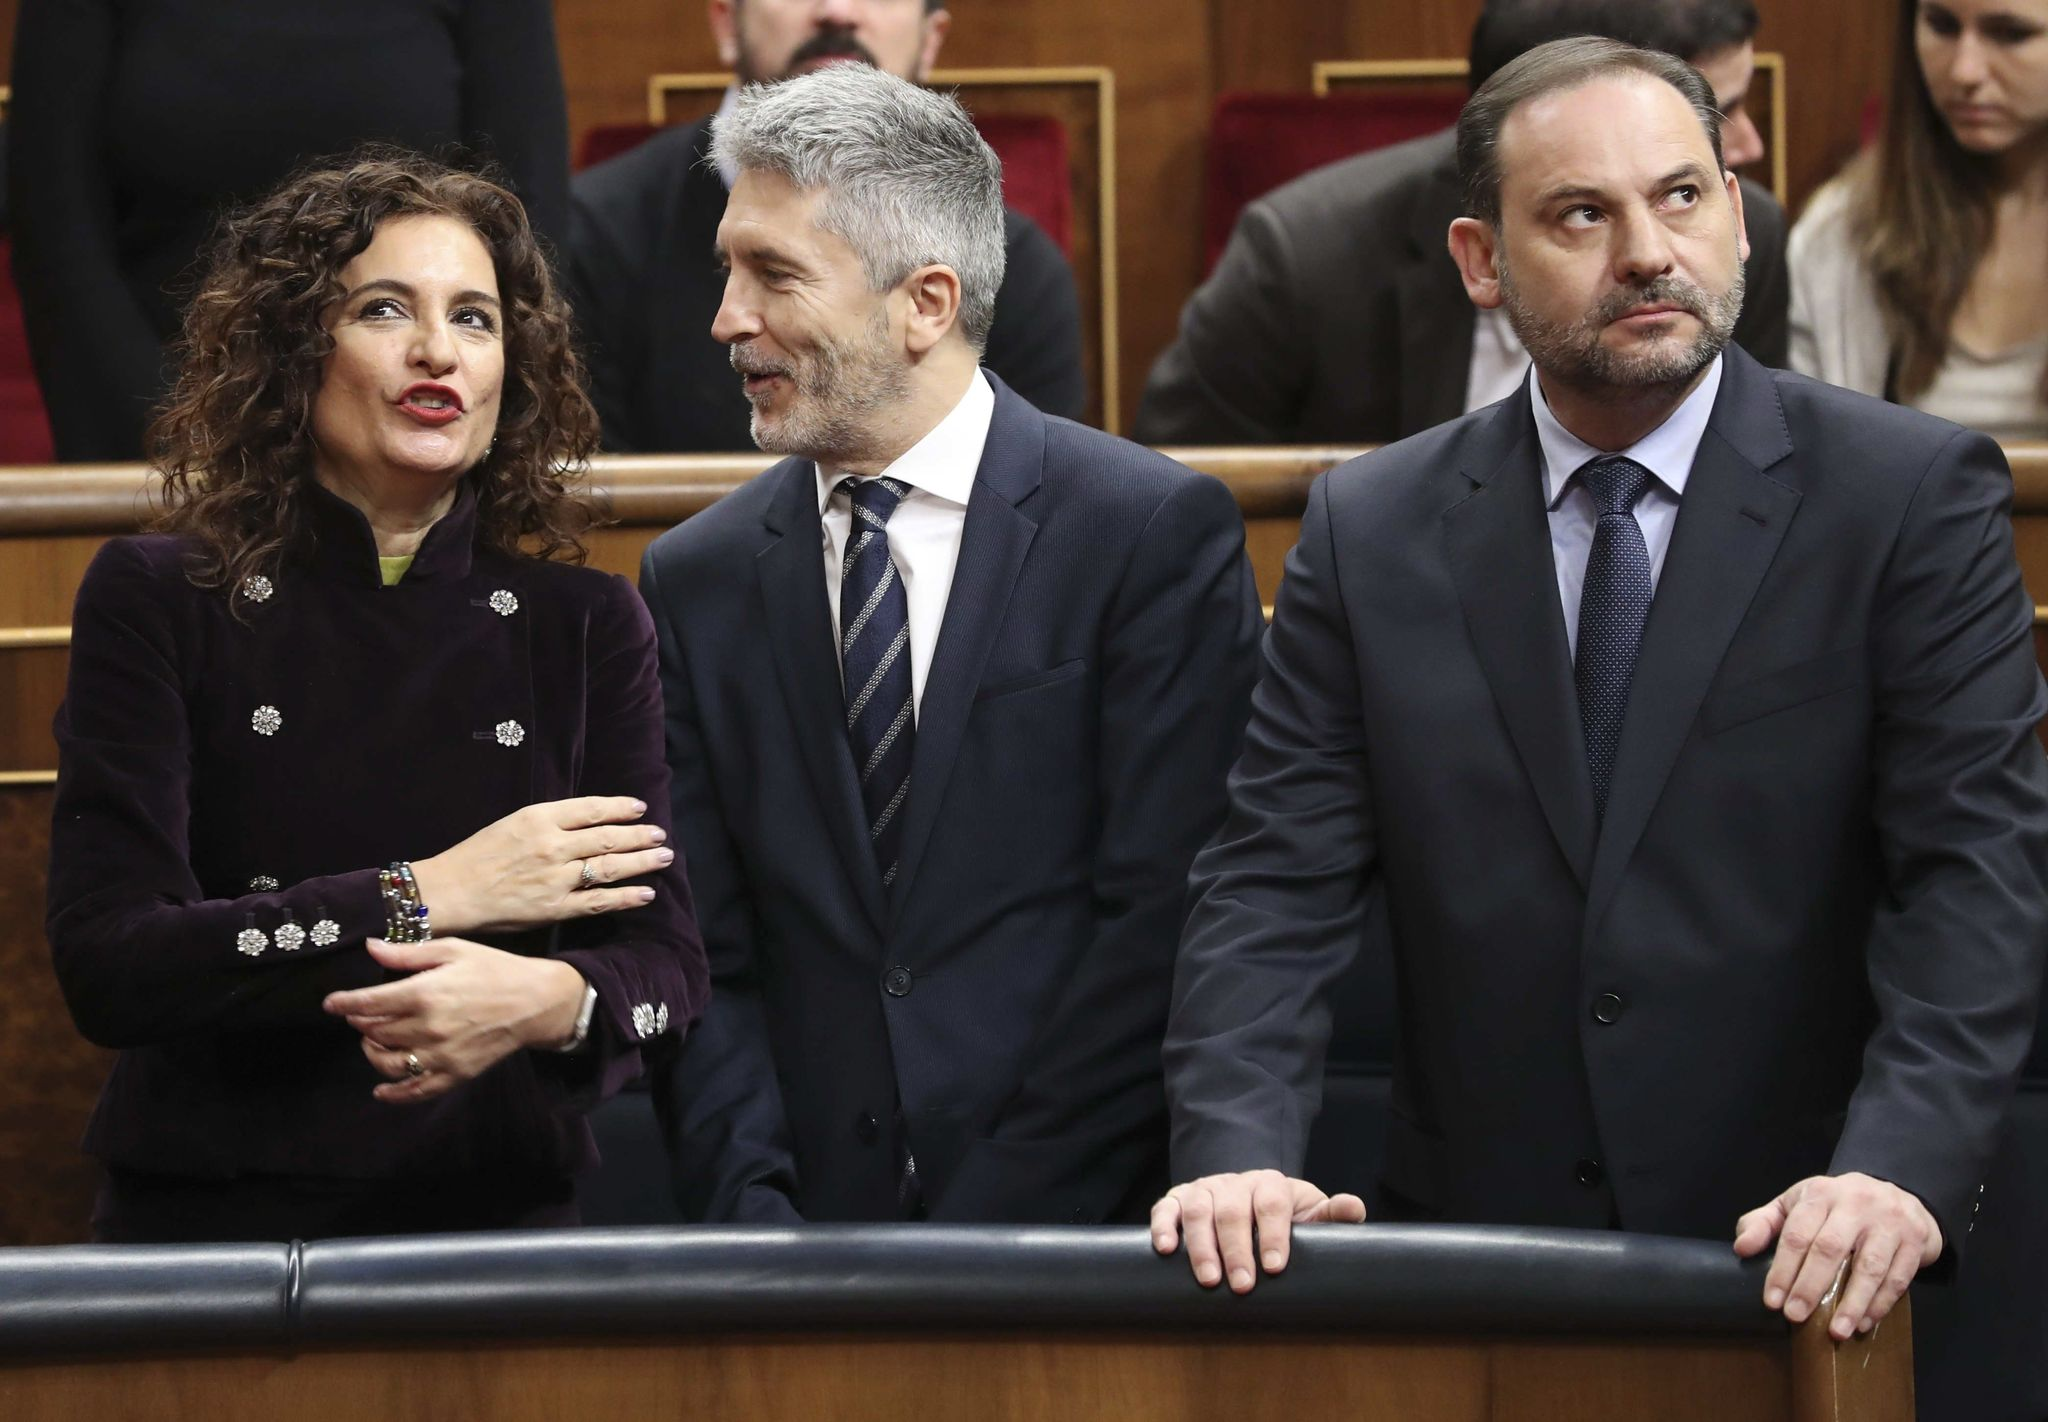 La ministra de Hacienda, María Jesús Montero, el ministro de Interior, Fernando Grande Marlaska, y el responsable de Fomento, José Luis Ábalos.